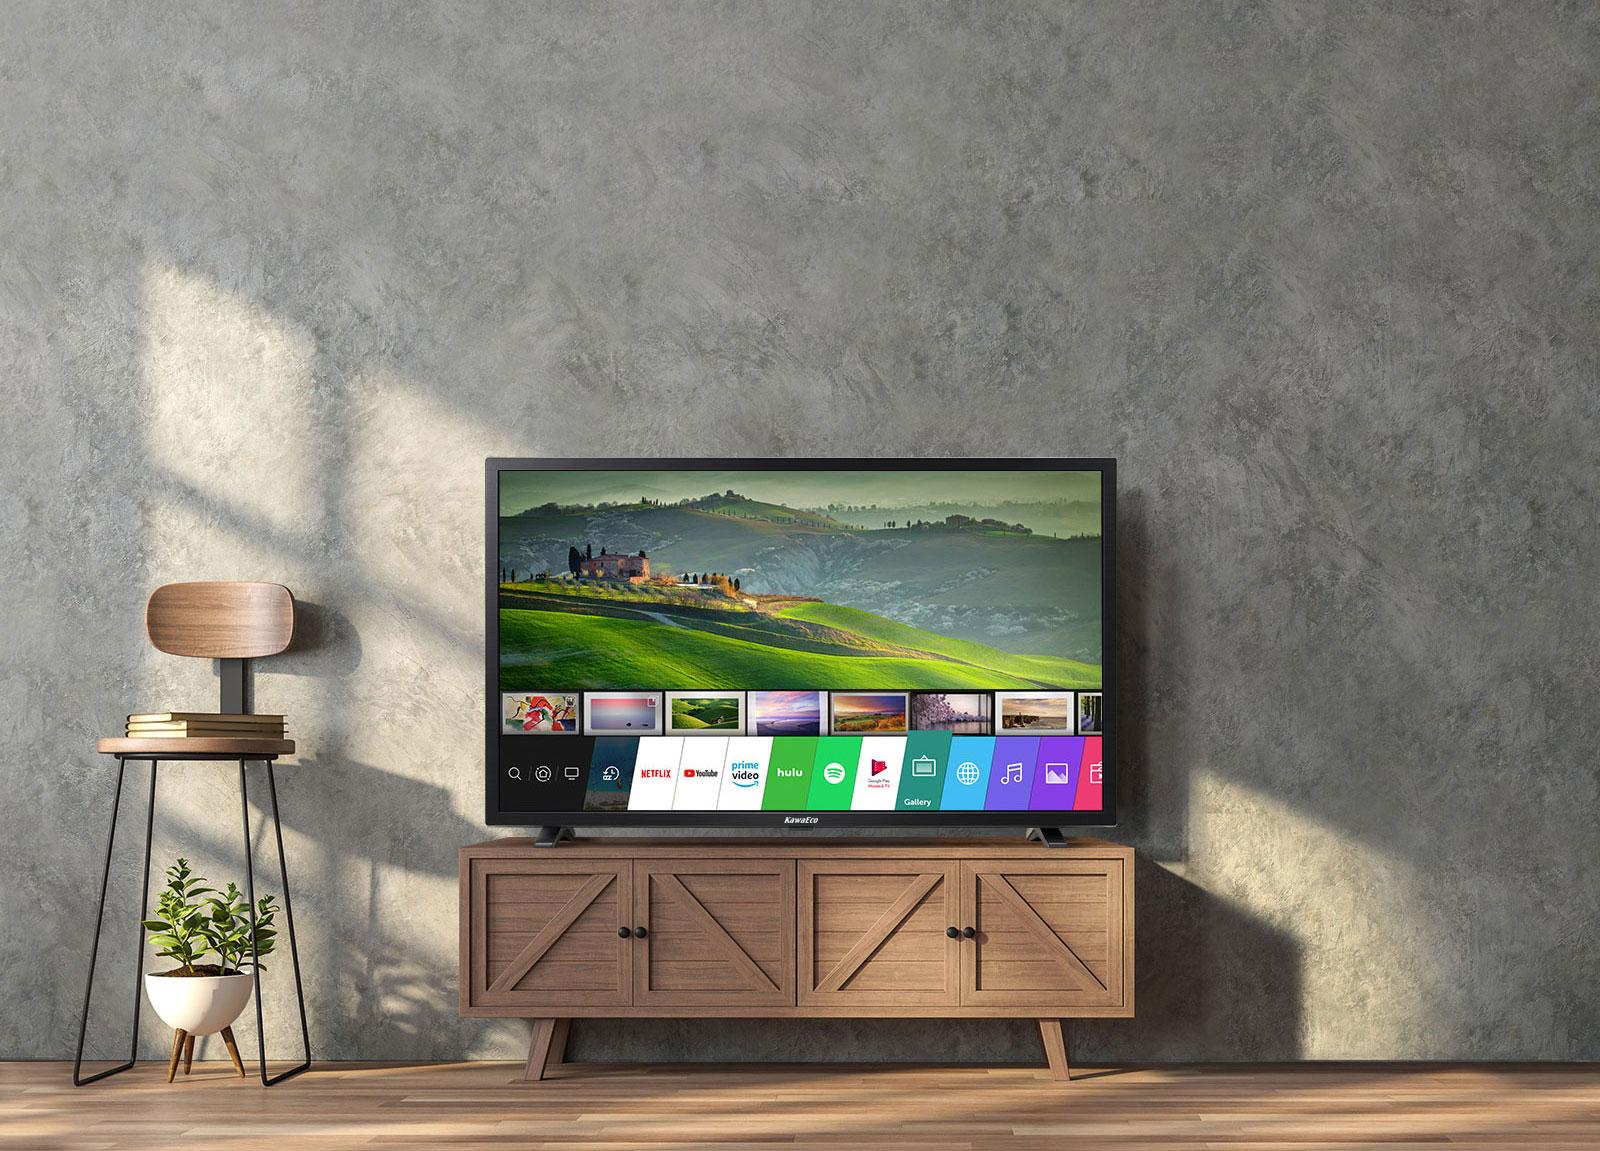 TV-HD-KW-S01-6